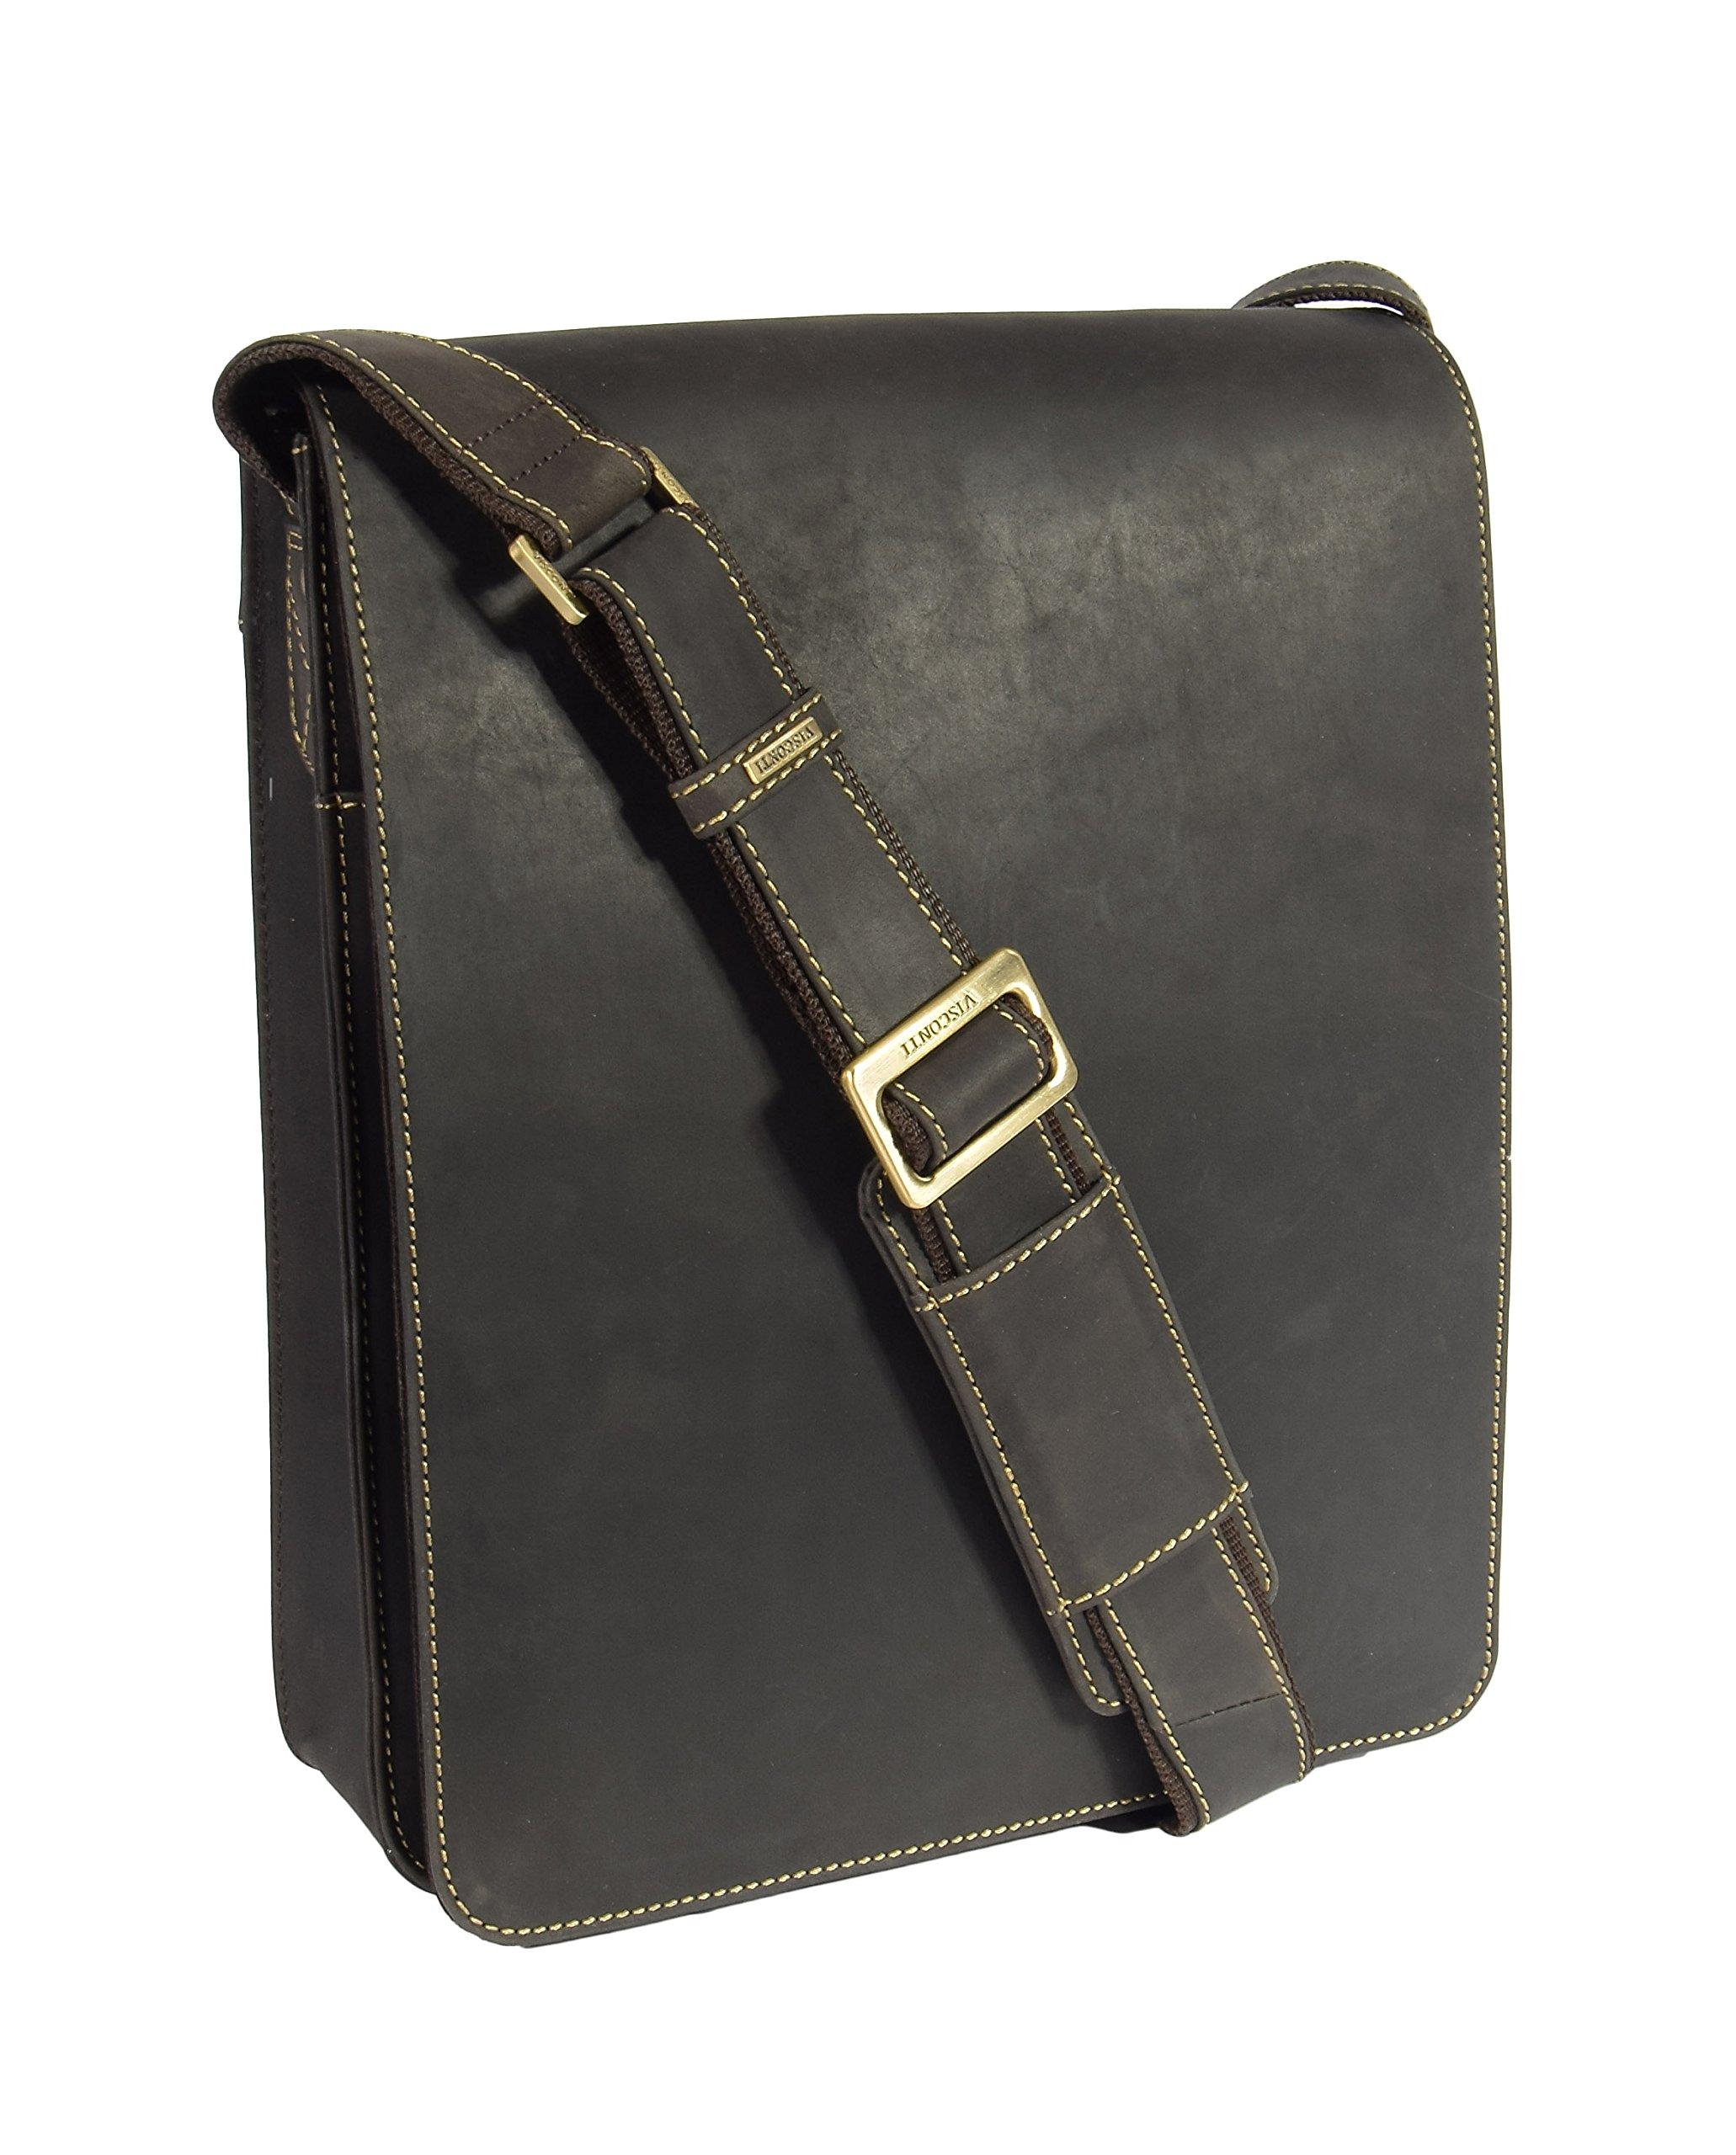 Mens Real Leather Messenger Bag Brown Vintage Shoulder Bag iPad Case Los Angeles